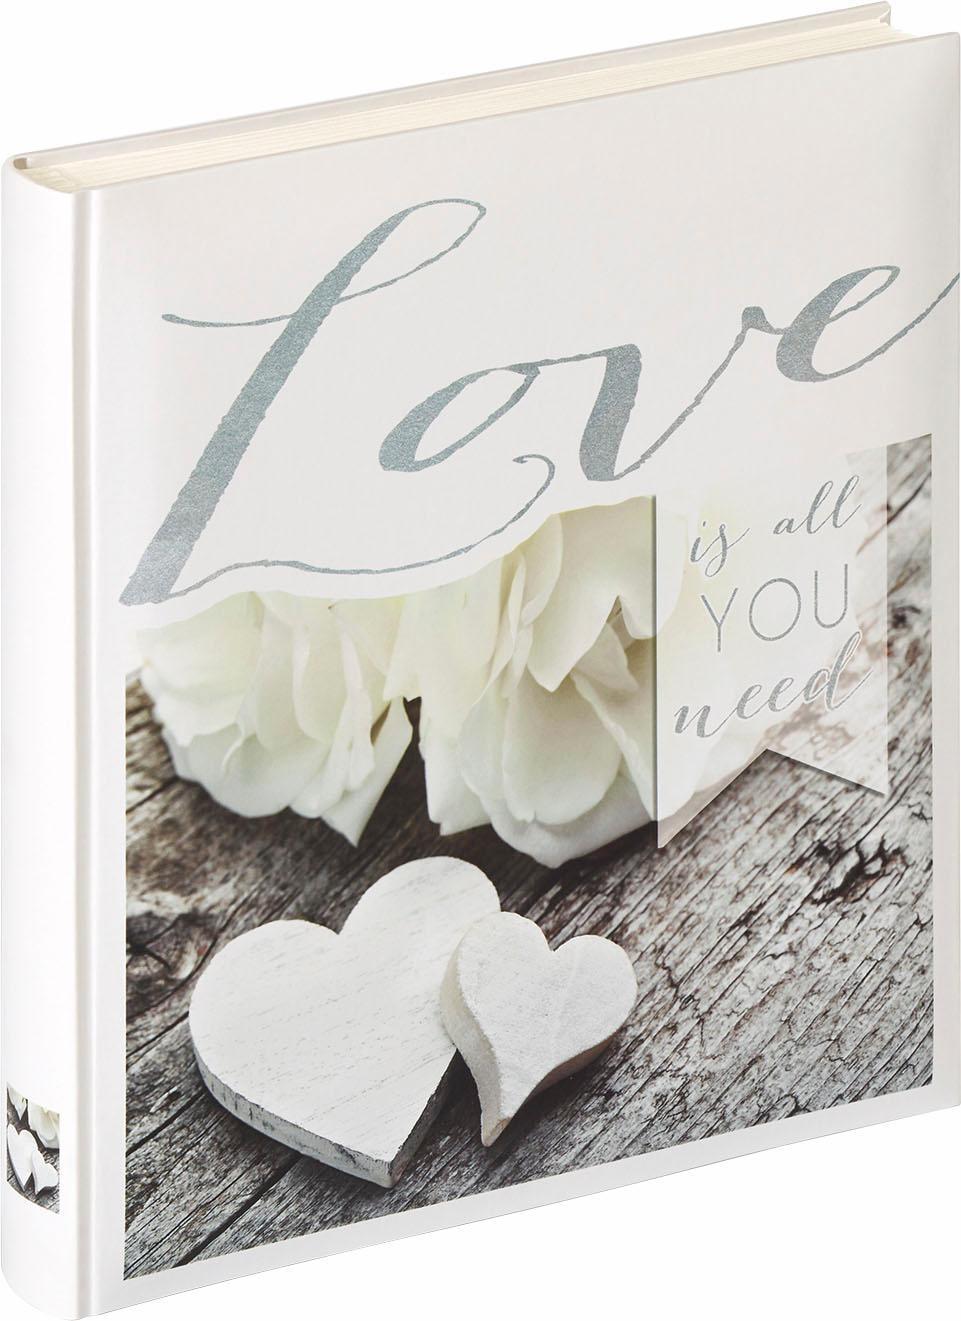 Walther Home affaire Hochzeitsalbum Love is all you need Technik & Freizeit/Technik/Foto, Video & Optik/Zubehör Kameras & Camcorder/Fotoalbum